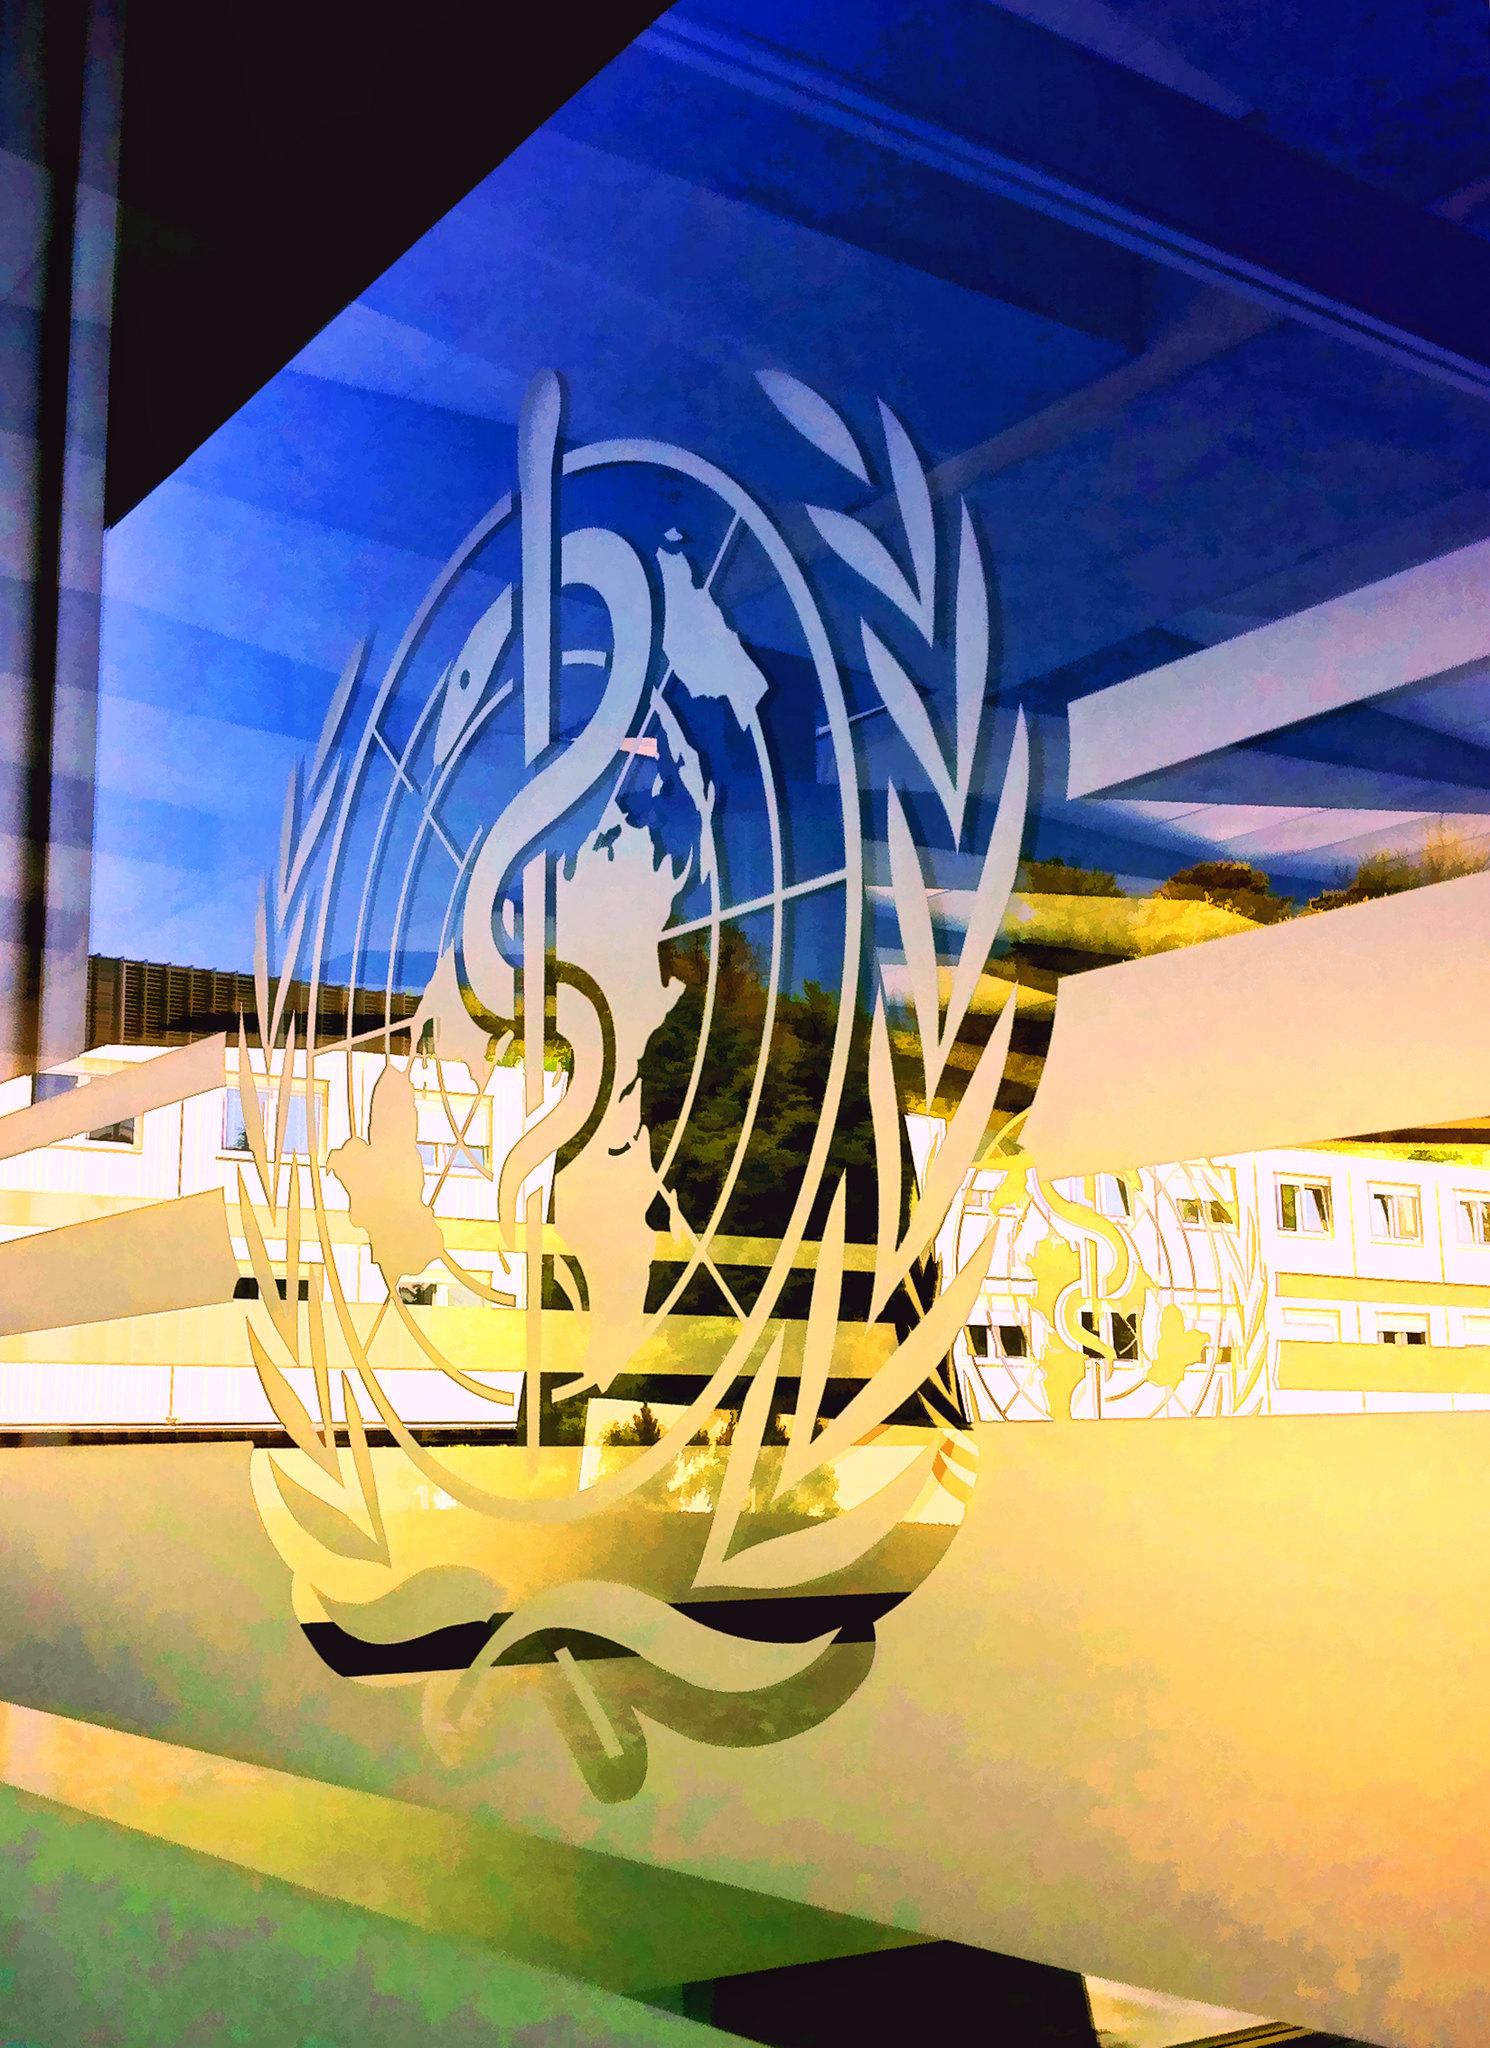 """Sollte die """"koordinierende internationale Gesundheitsorganisation"""" sein: Die WHO"""